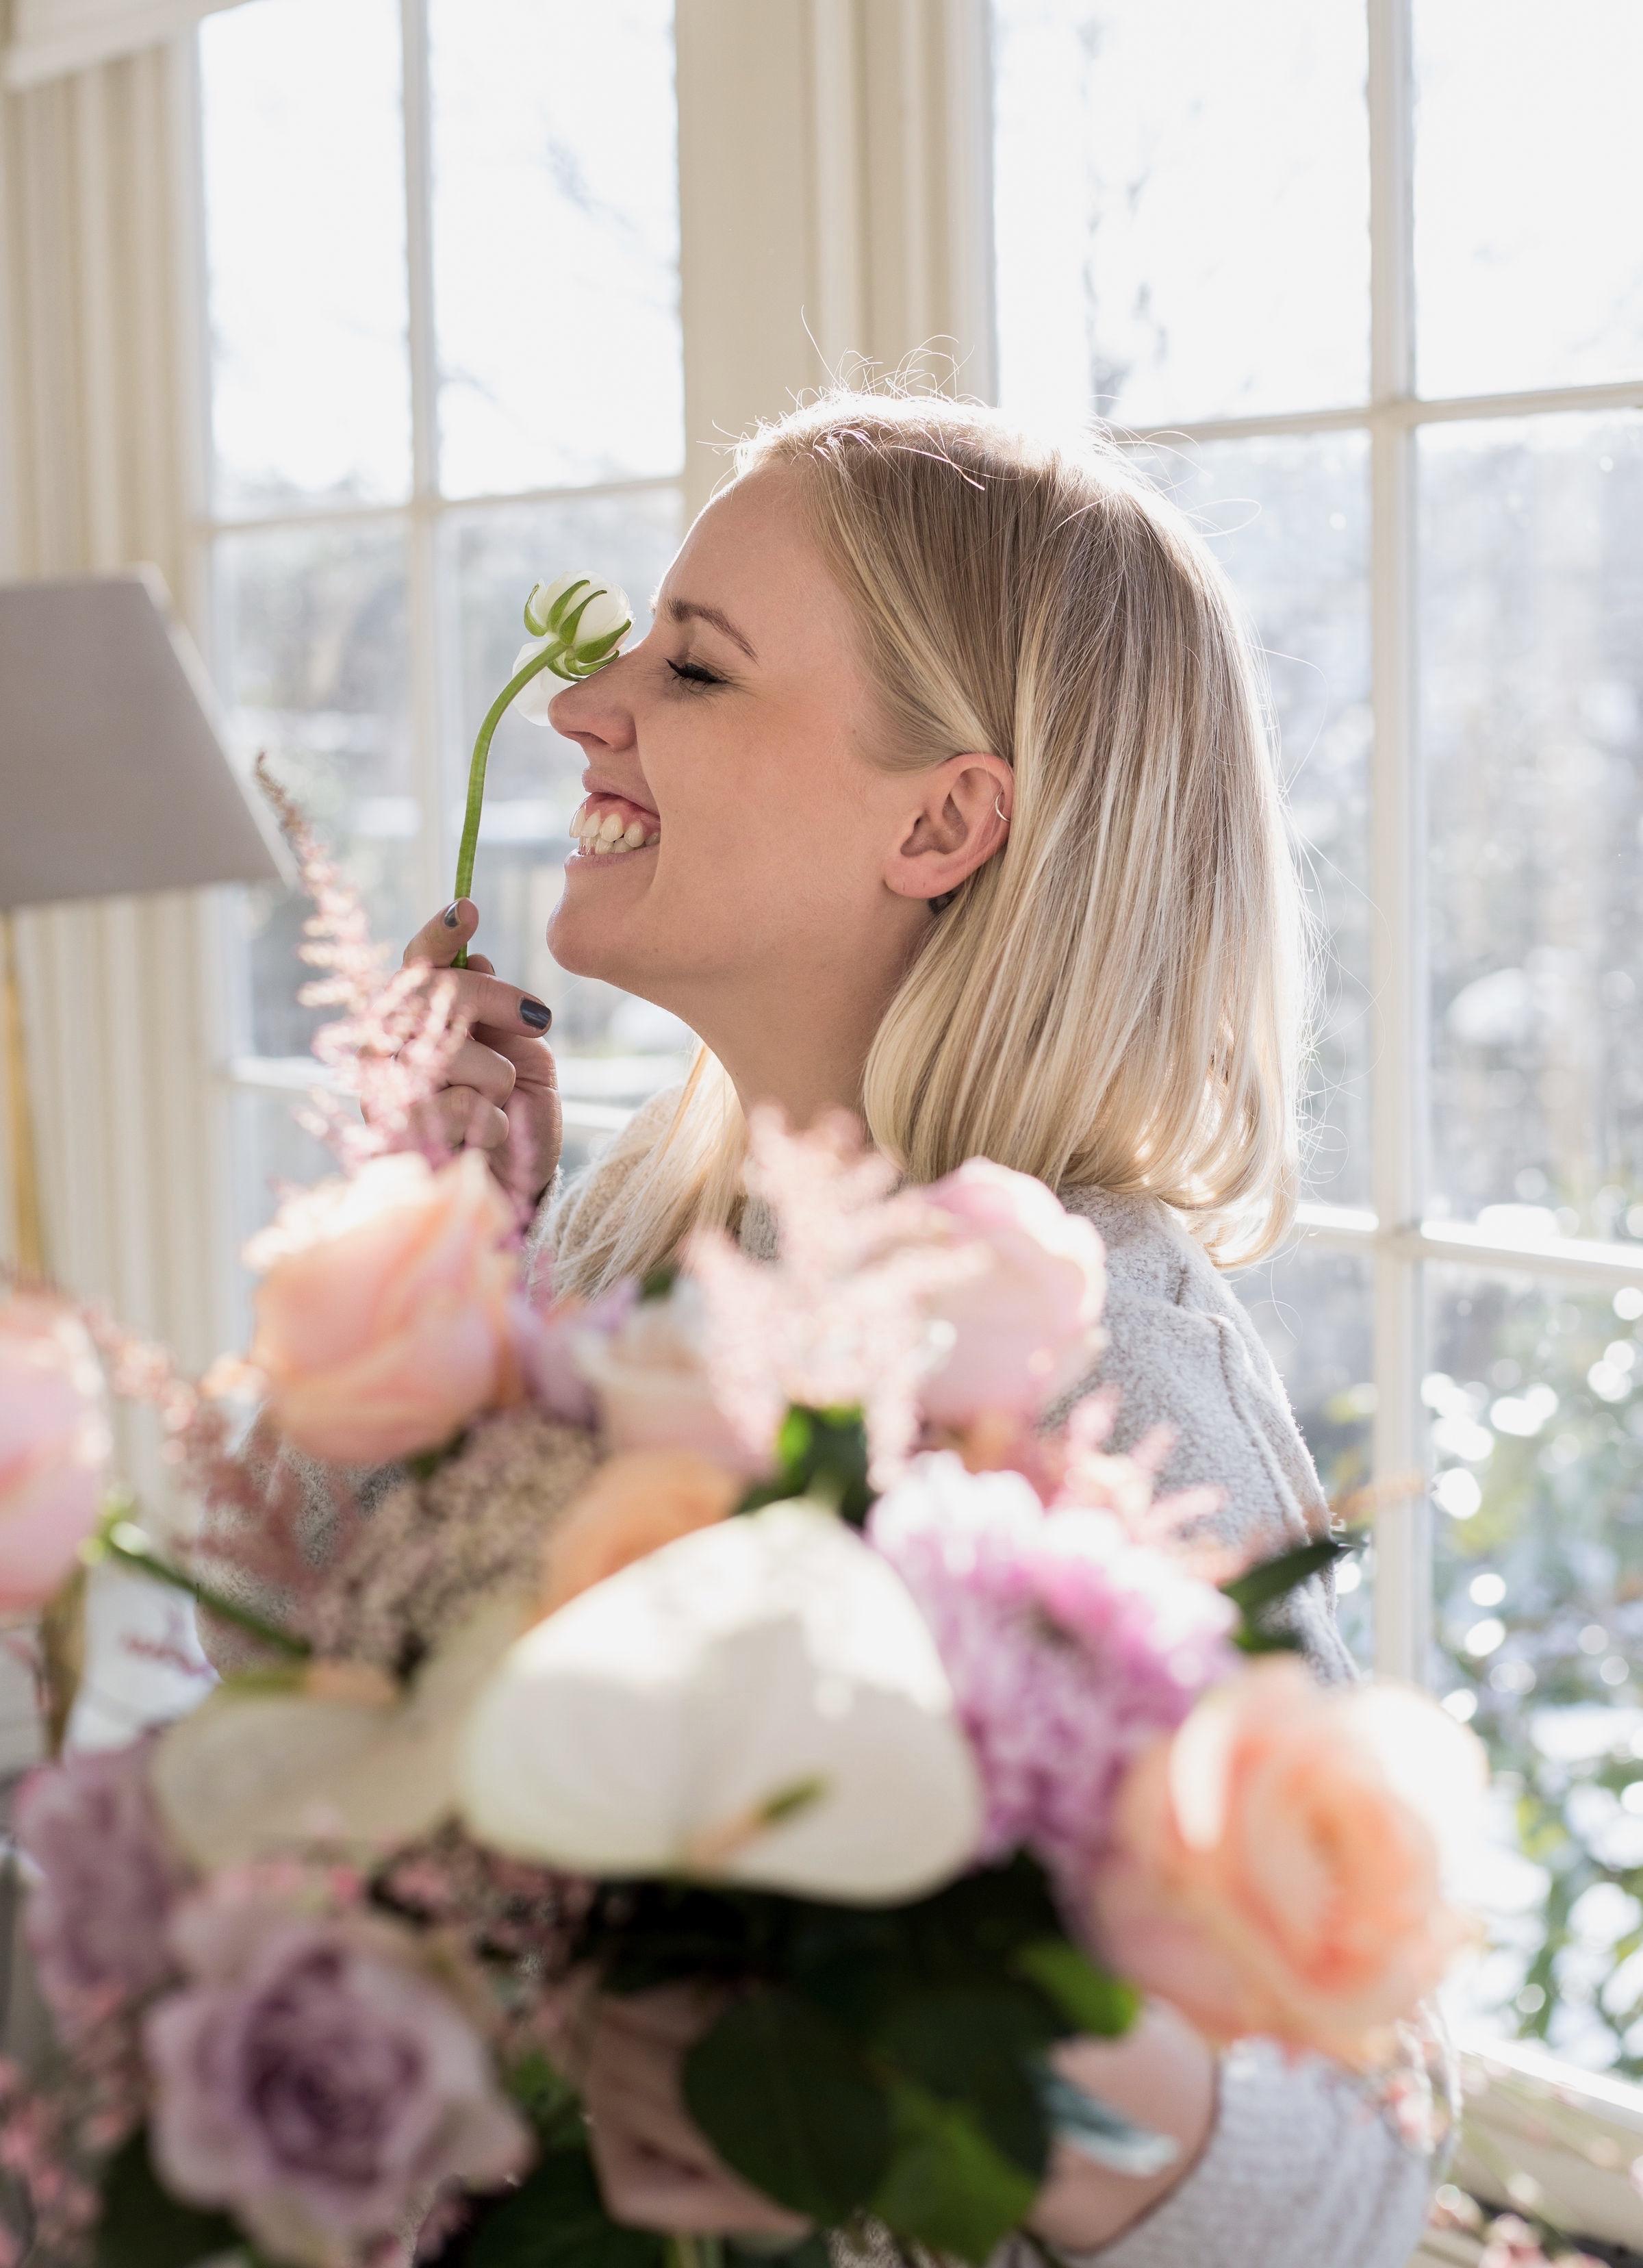 Owner - Nicole de Villiers